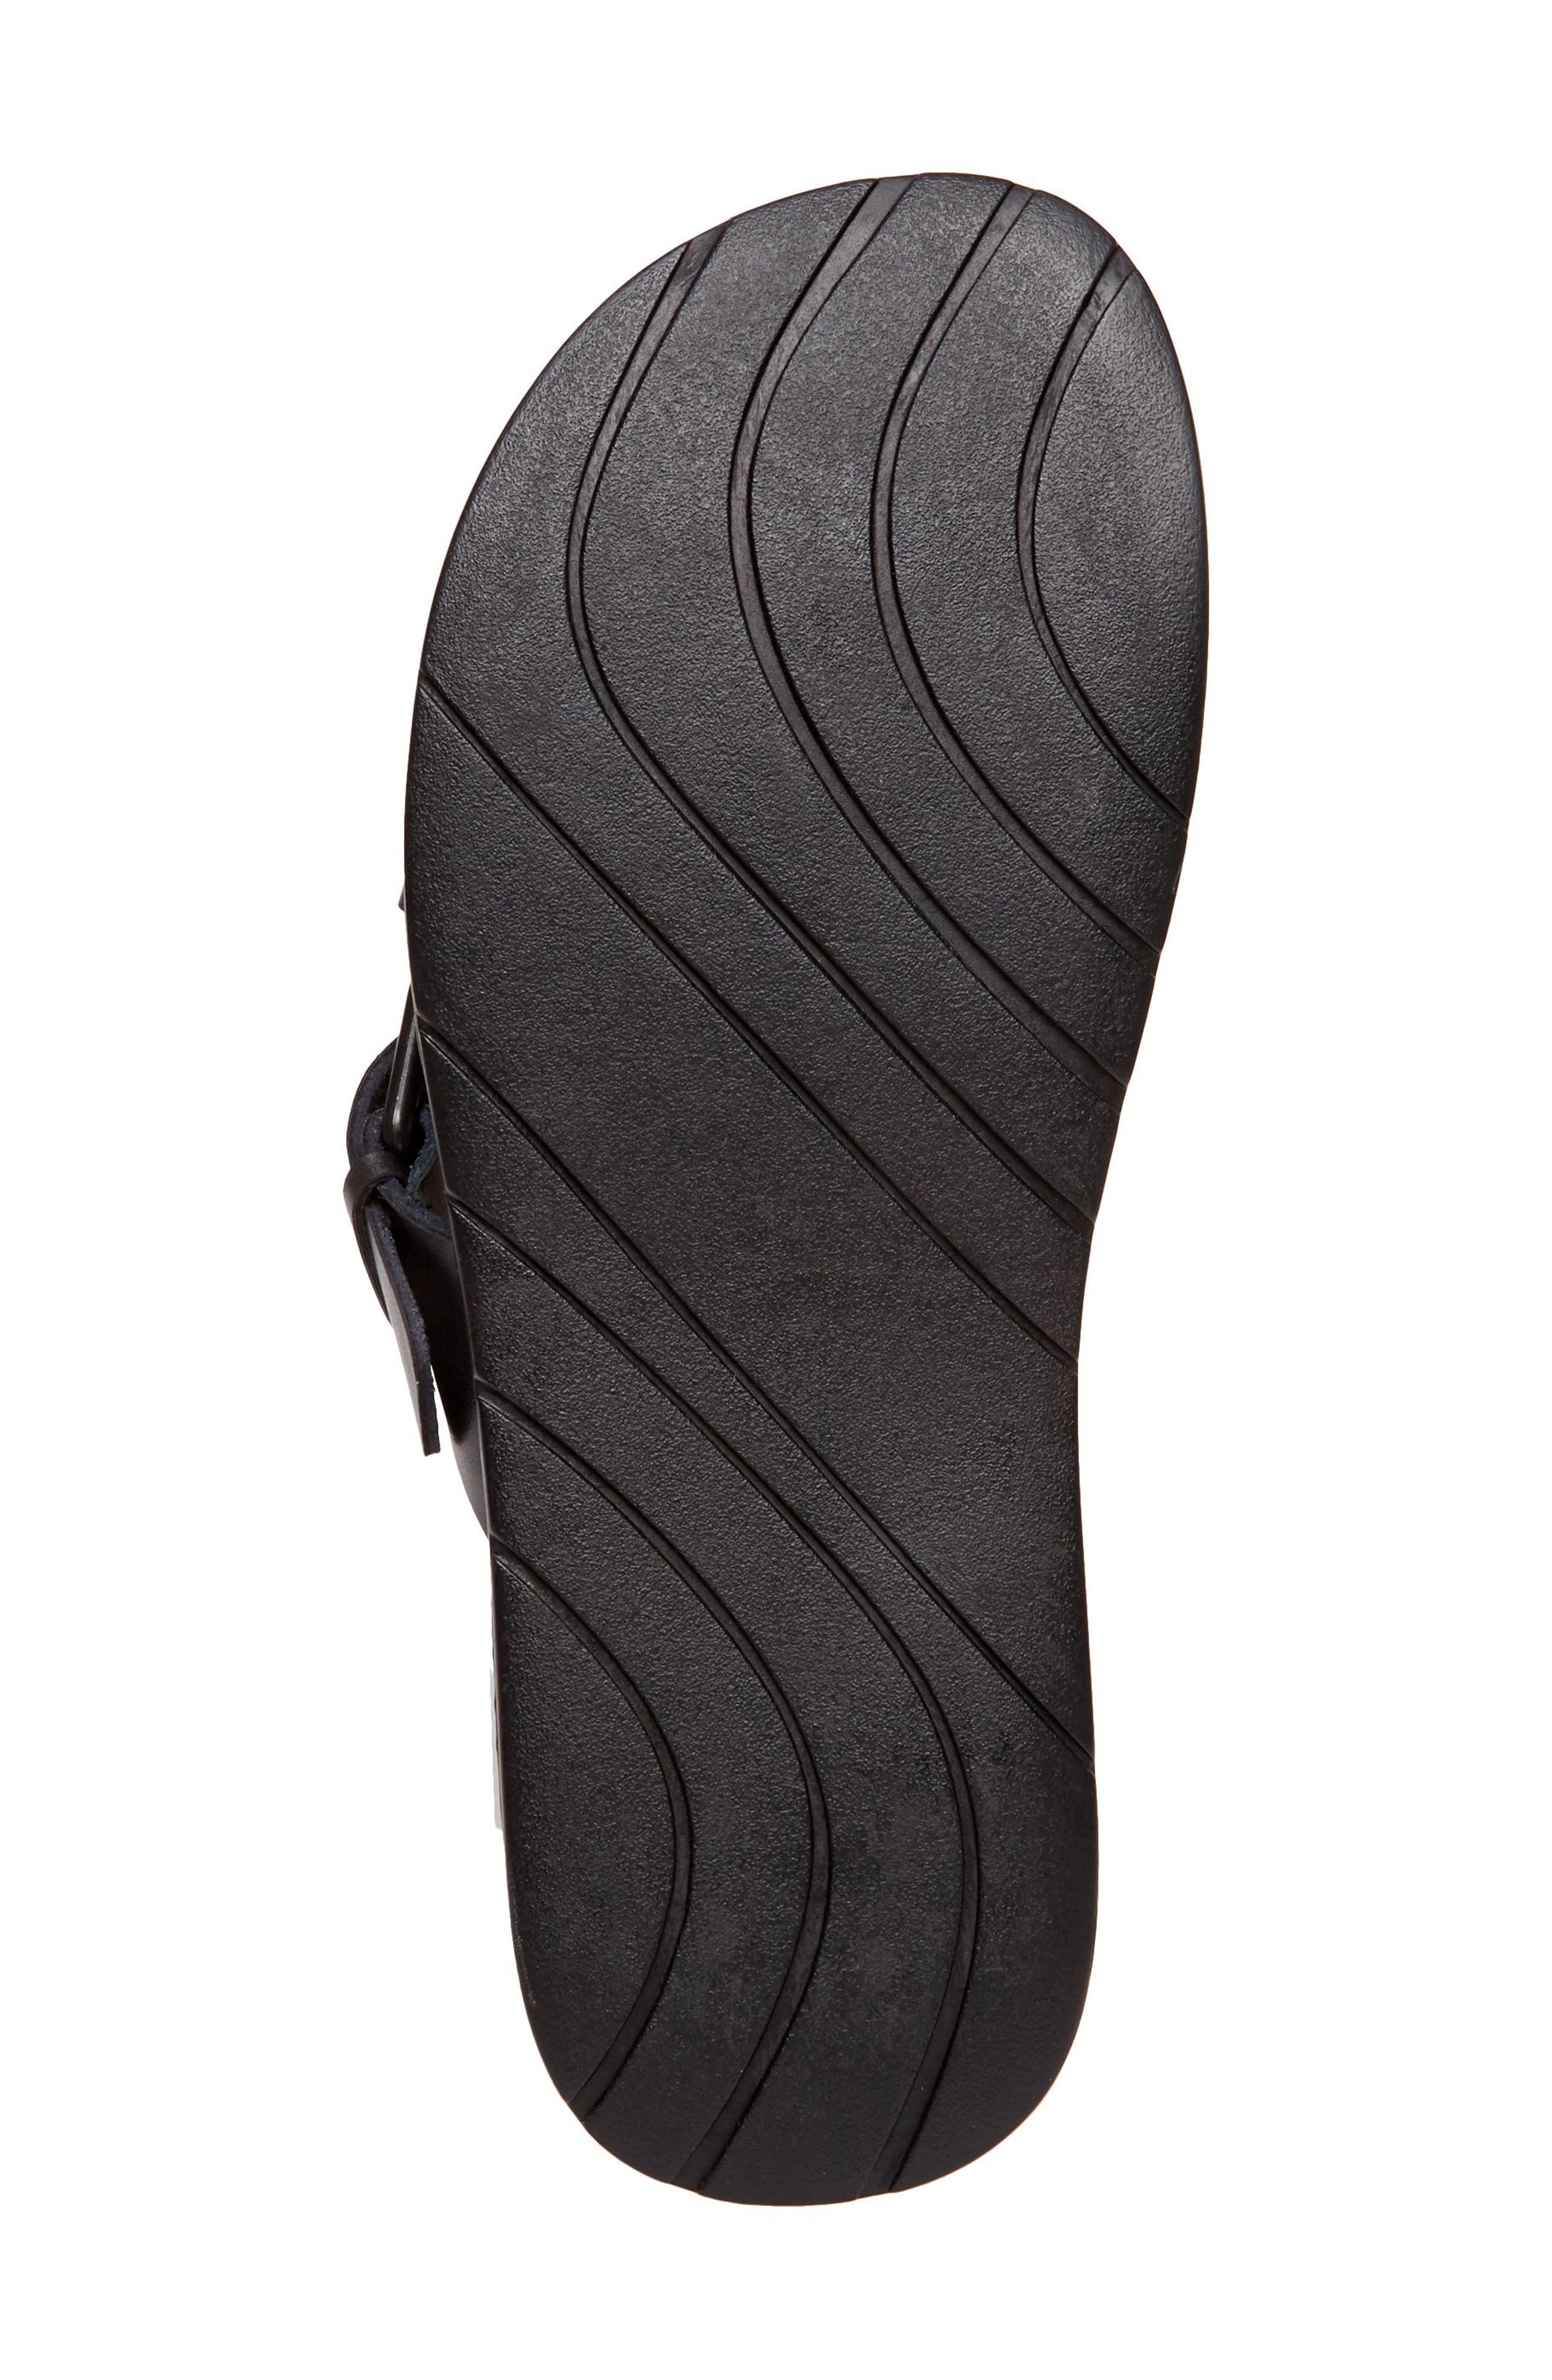 Suspense Buckled Slide Sandal,                             Alternate thumbnail 6, color,                             001